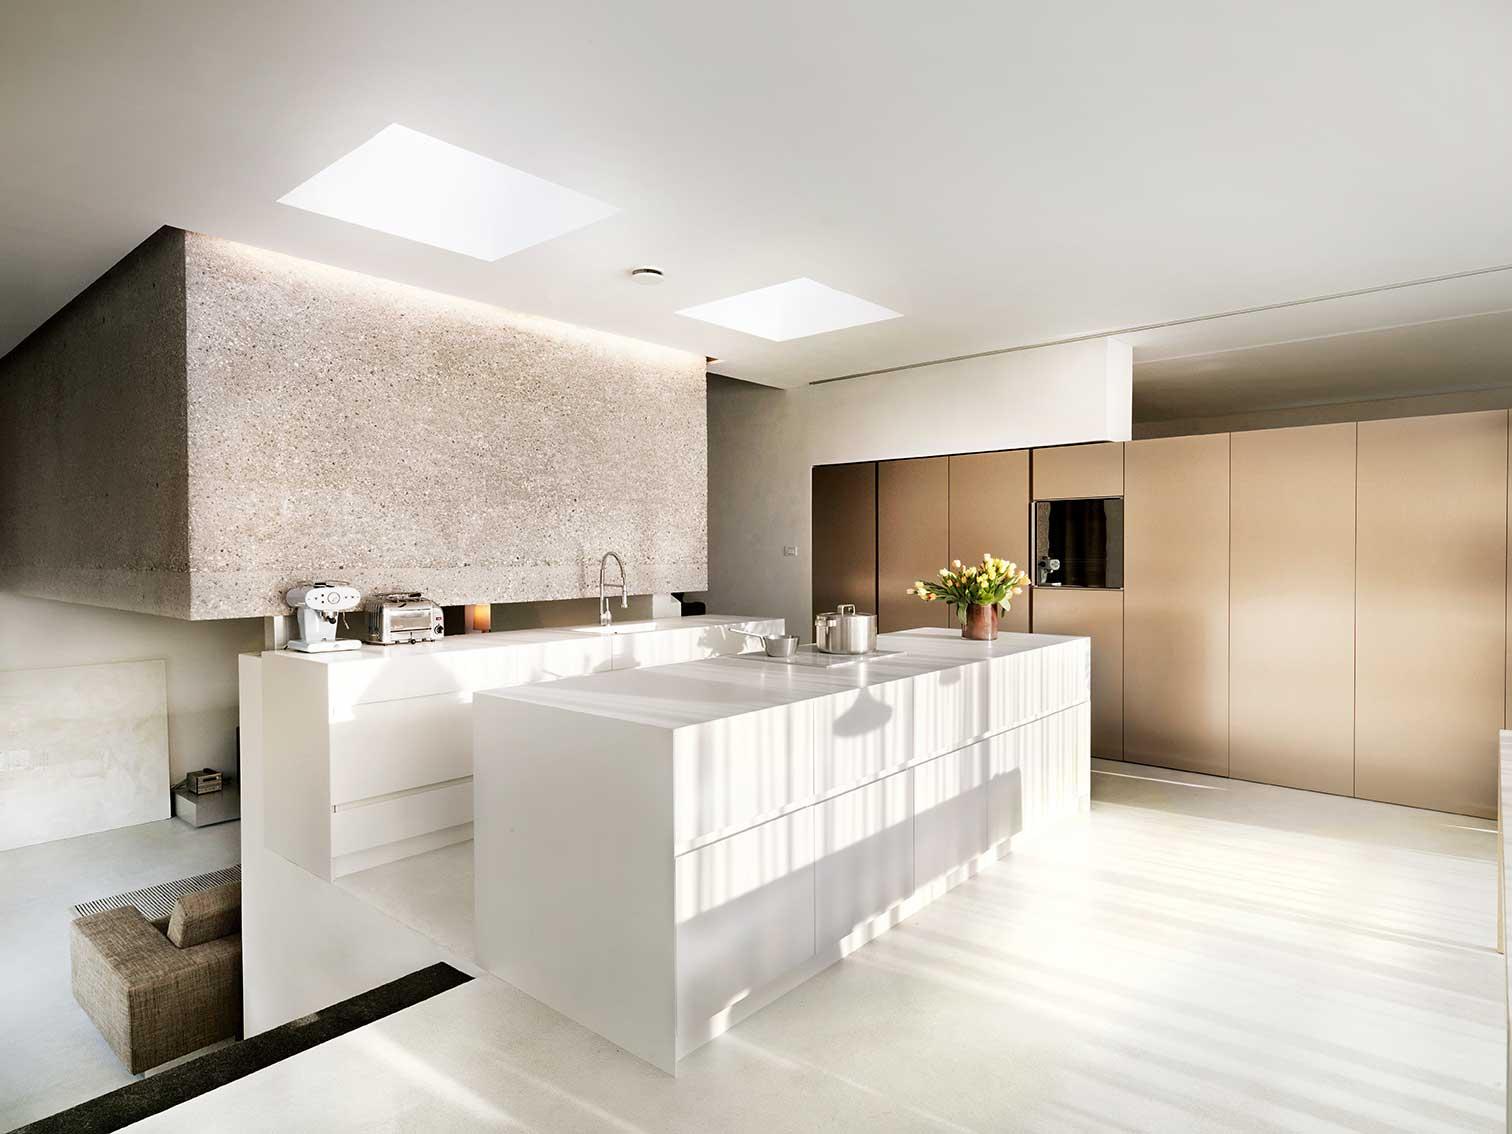 Wohnen im Split Level Haus Moderne Einfamilienhäuser